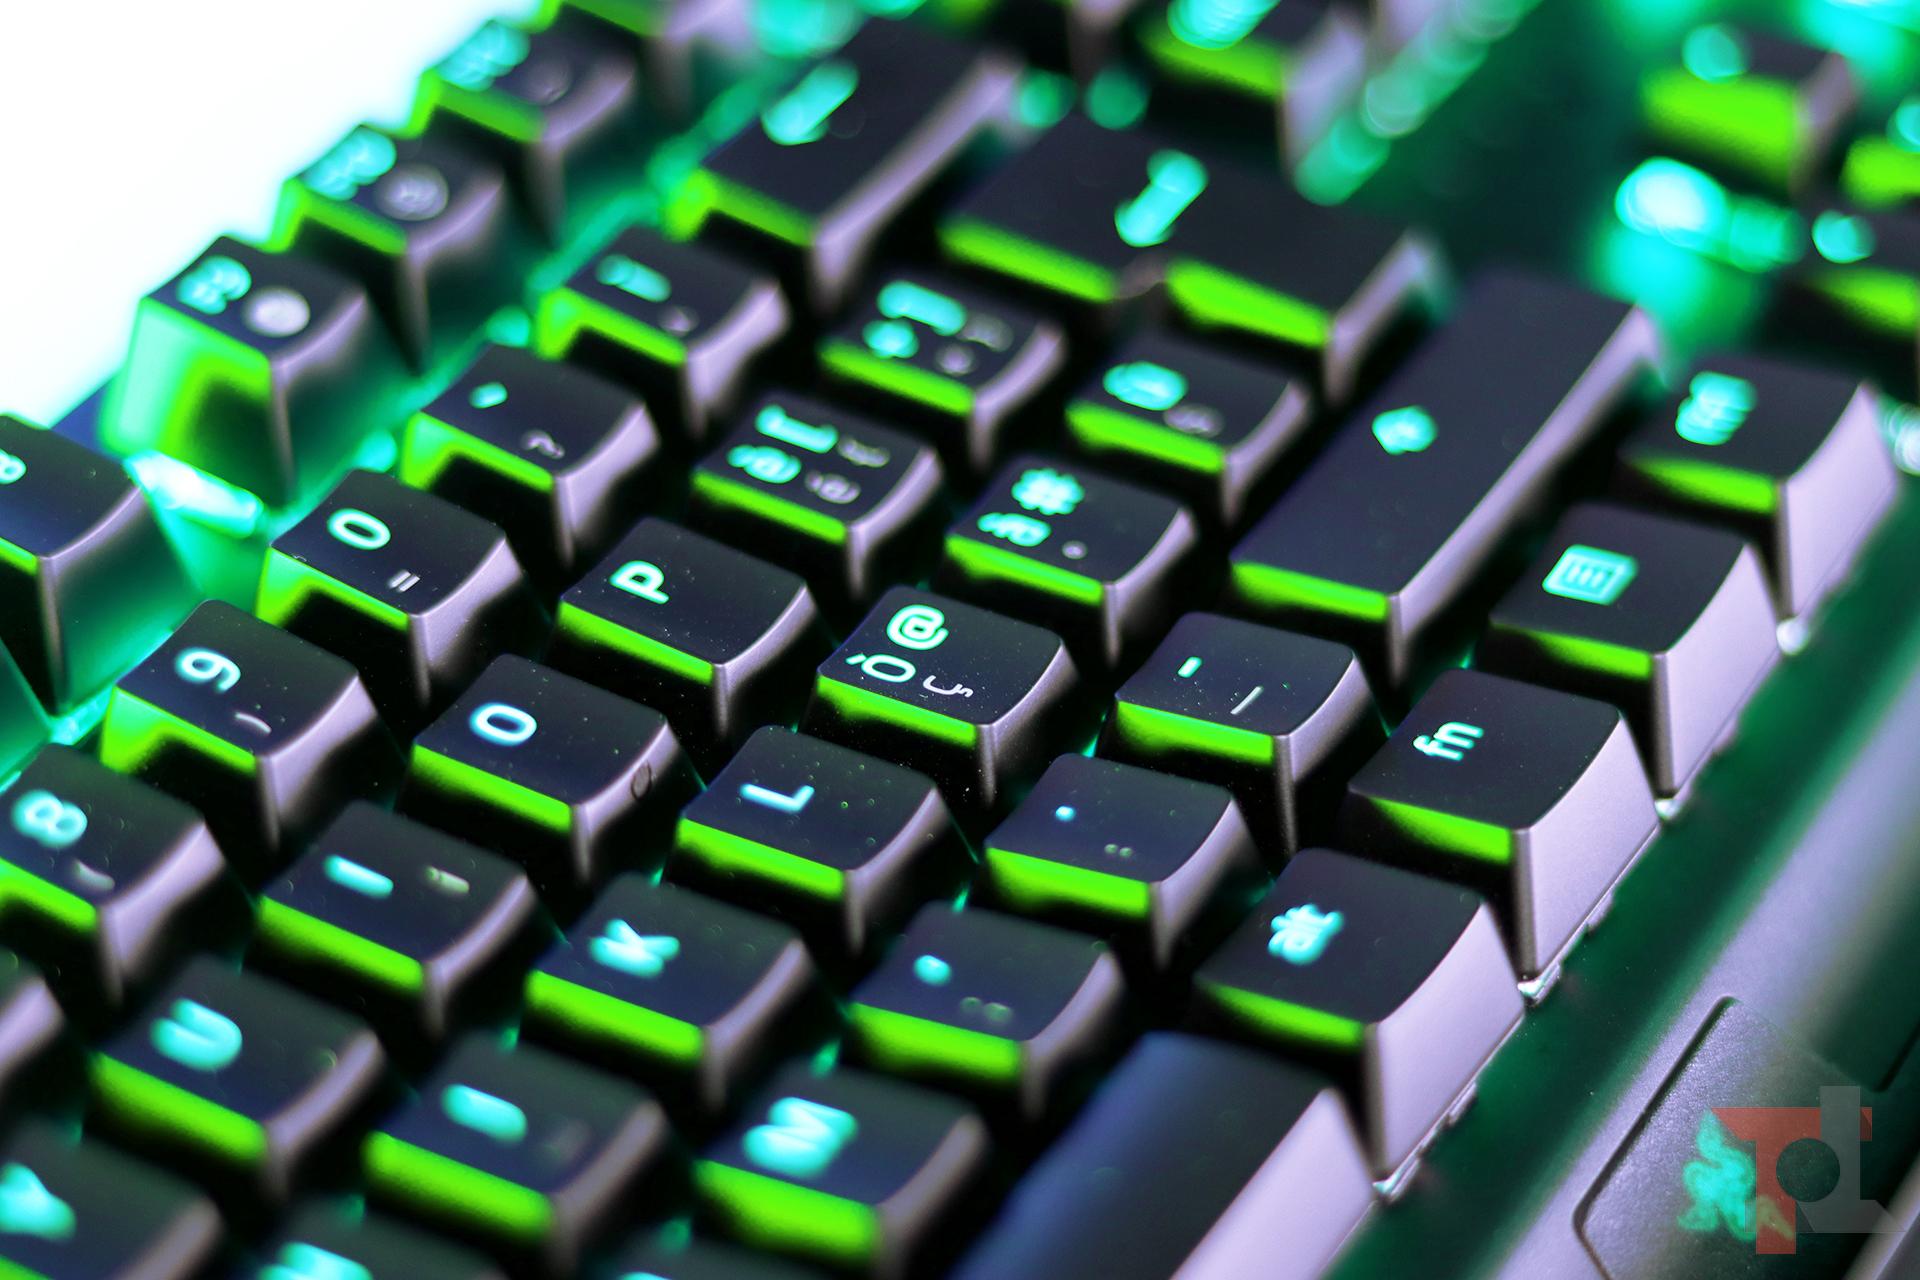 Recensione Razer BlackWidow V3: gli switch verdi fanno davvero la differenza in gioco 5